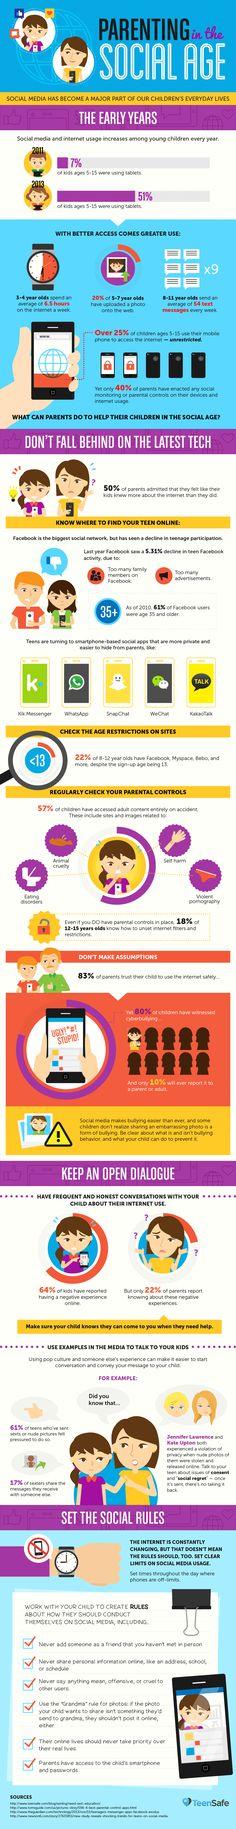 TeenSafe-SocialParenting